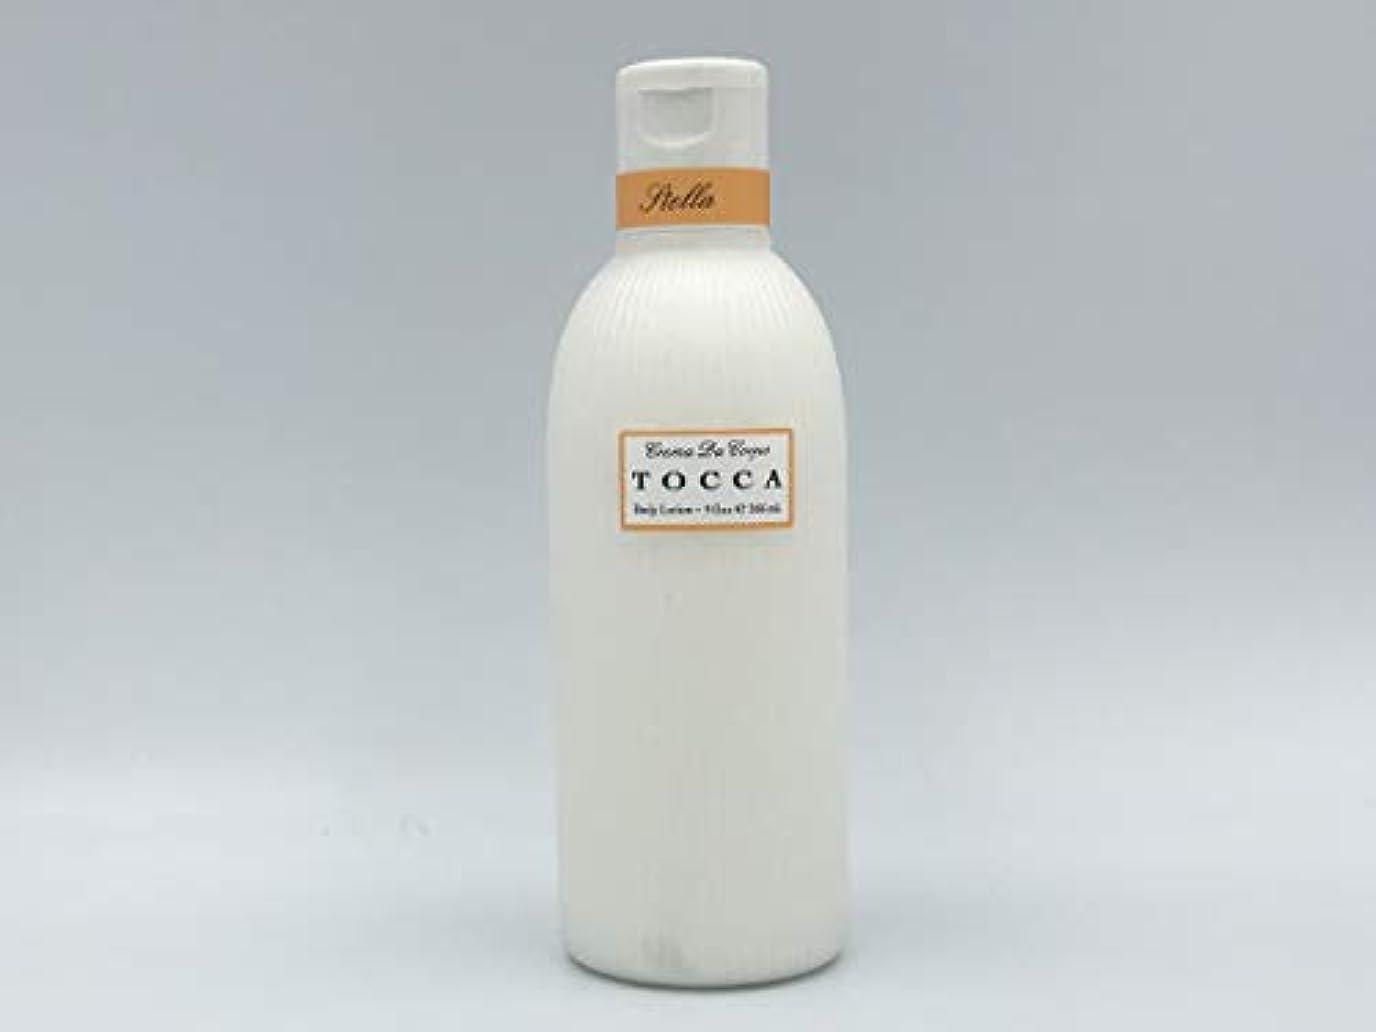 同意する導入するれるトッカ TOCCA ボディローション ステラ 266ml (香水/コスメ) 新品 [並行輸入品]